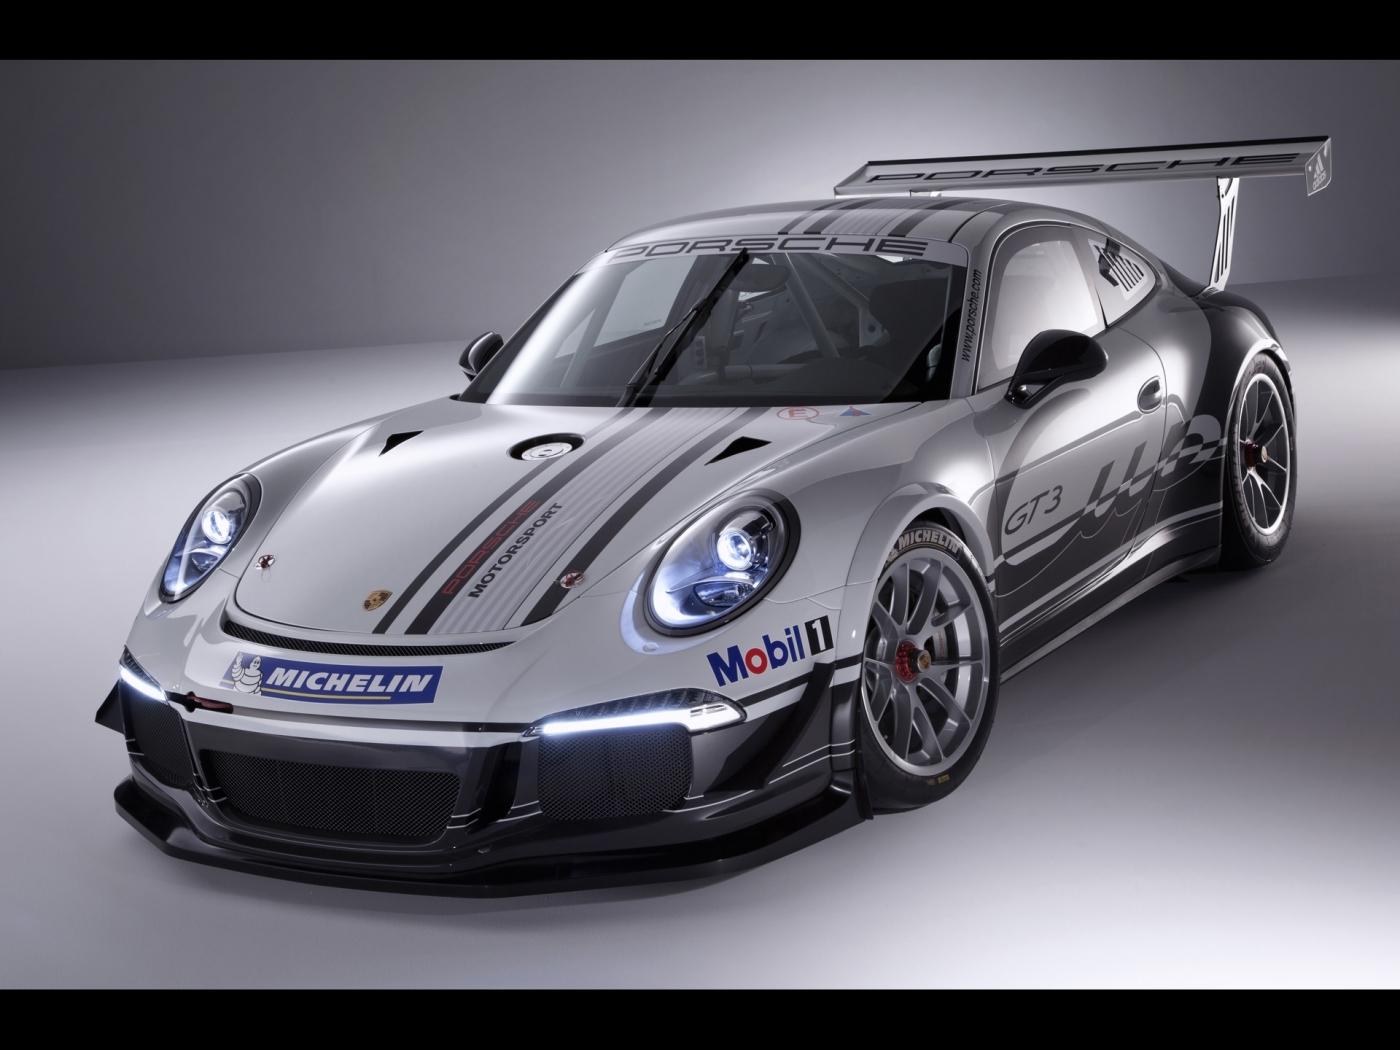 44580 скачать обои Транспорт, Машины, Порш (Porsche) - заставки и картинки бесплатно